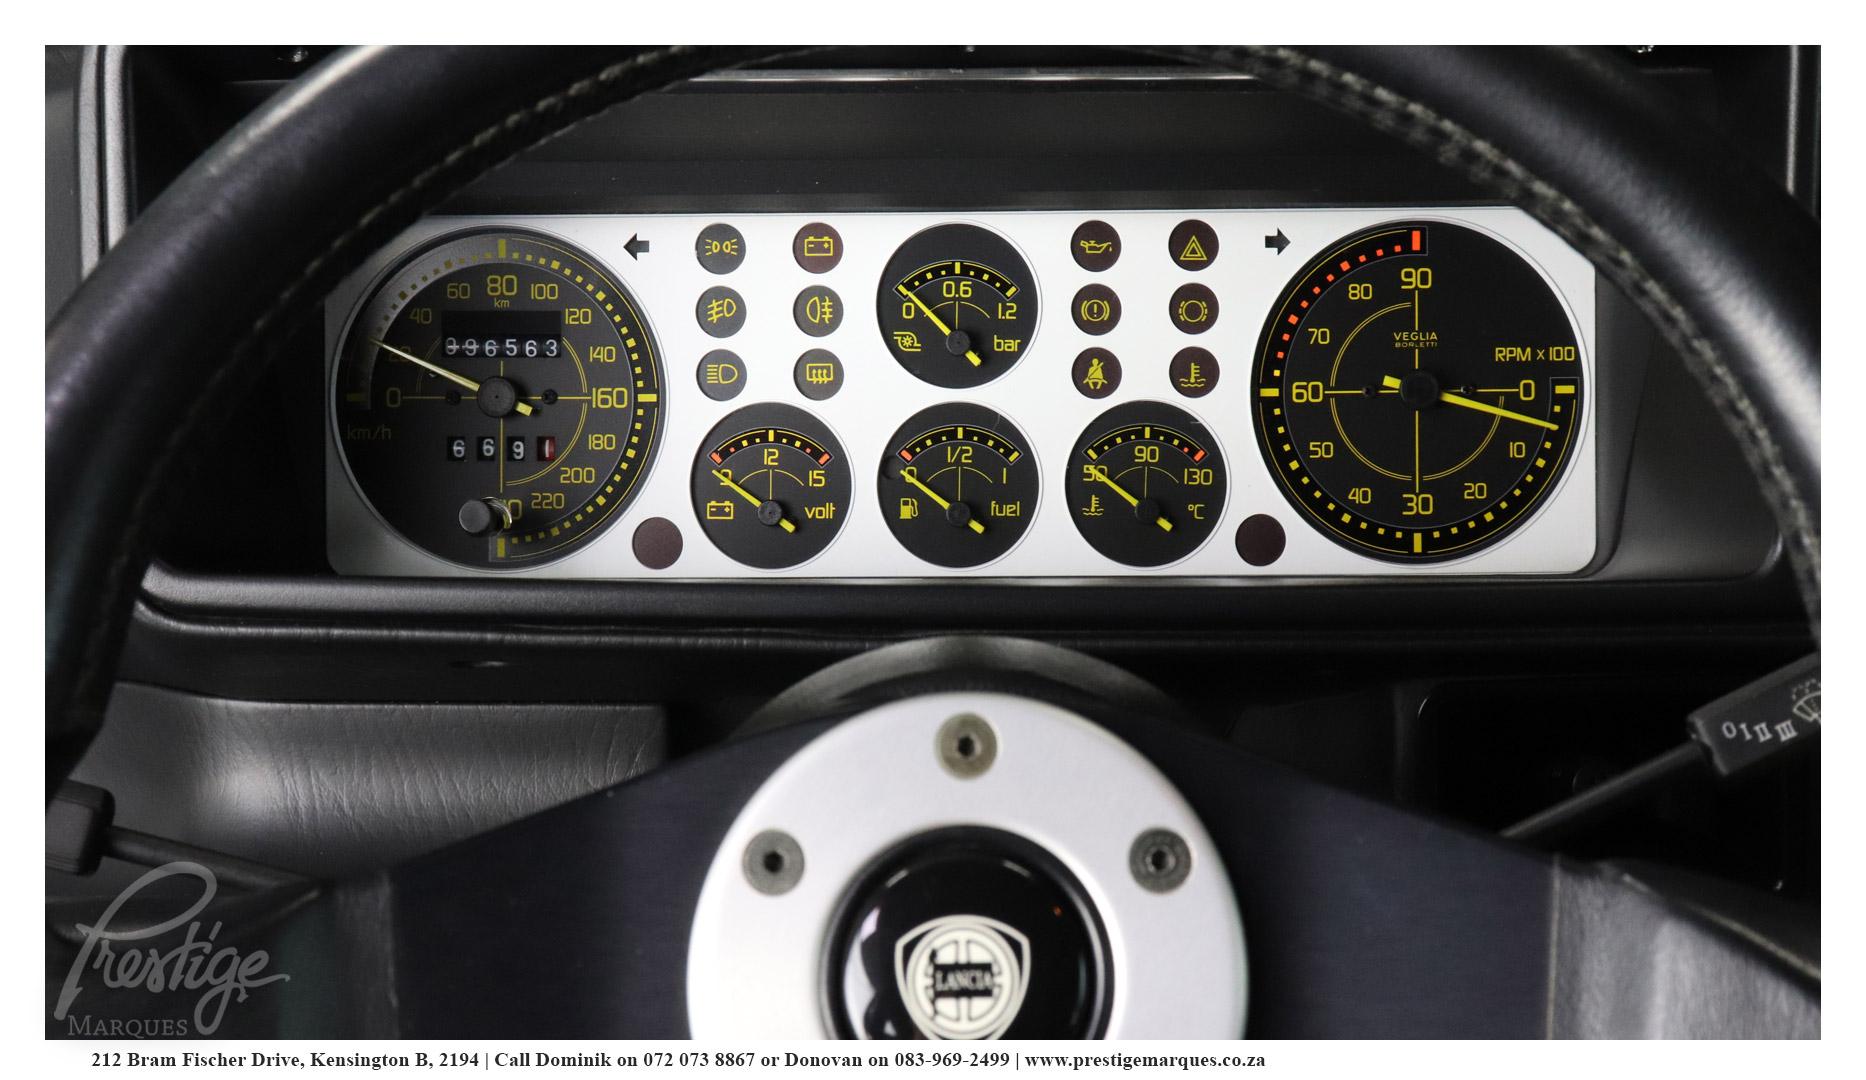 1995-Lancia-Delta-Integrale-Evo-2-Dealer-Collection-Prestige-Marques-Sandton-14